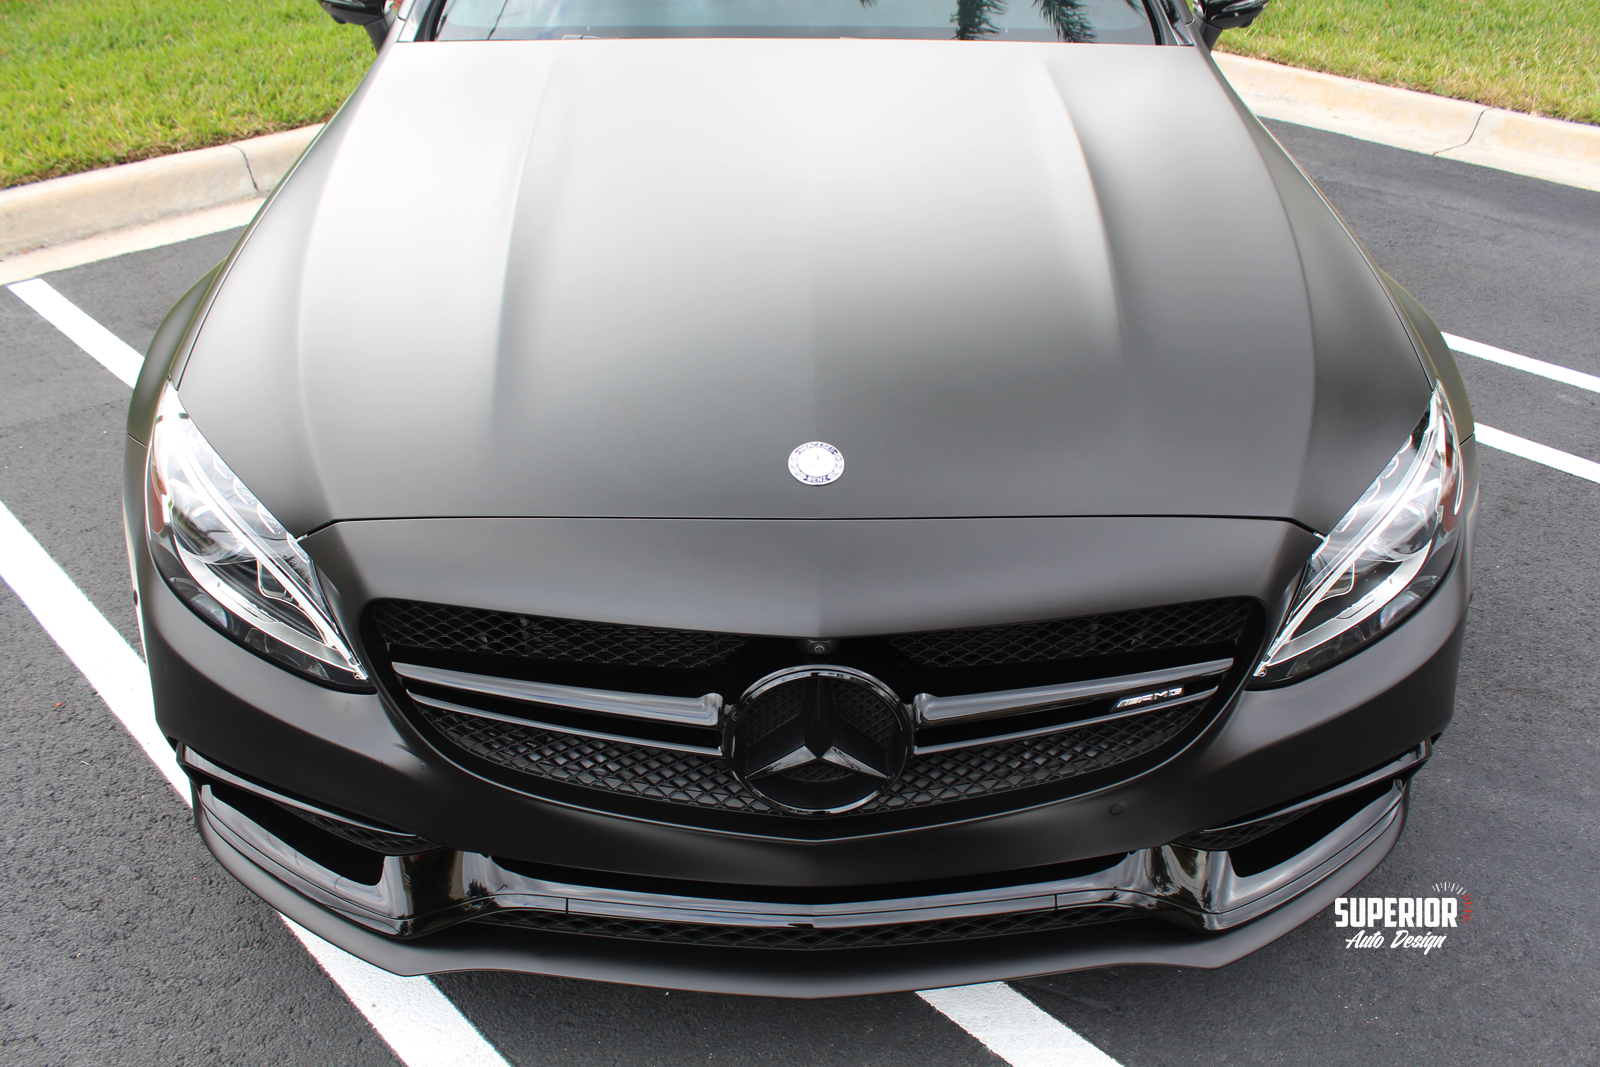 c63 satin black wrap superior auto design 9